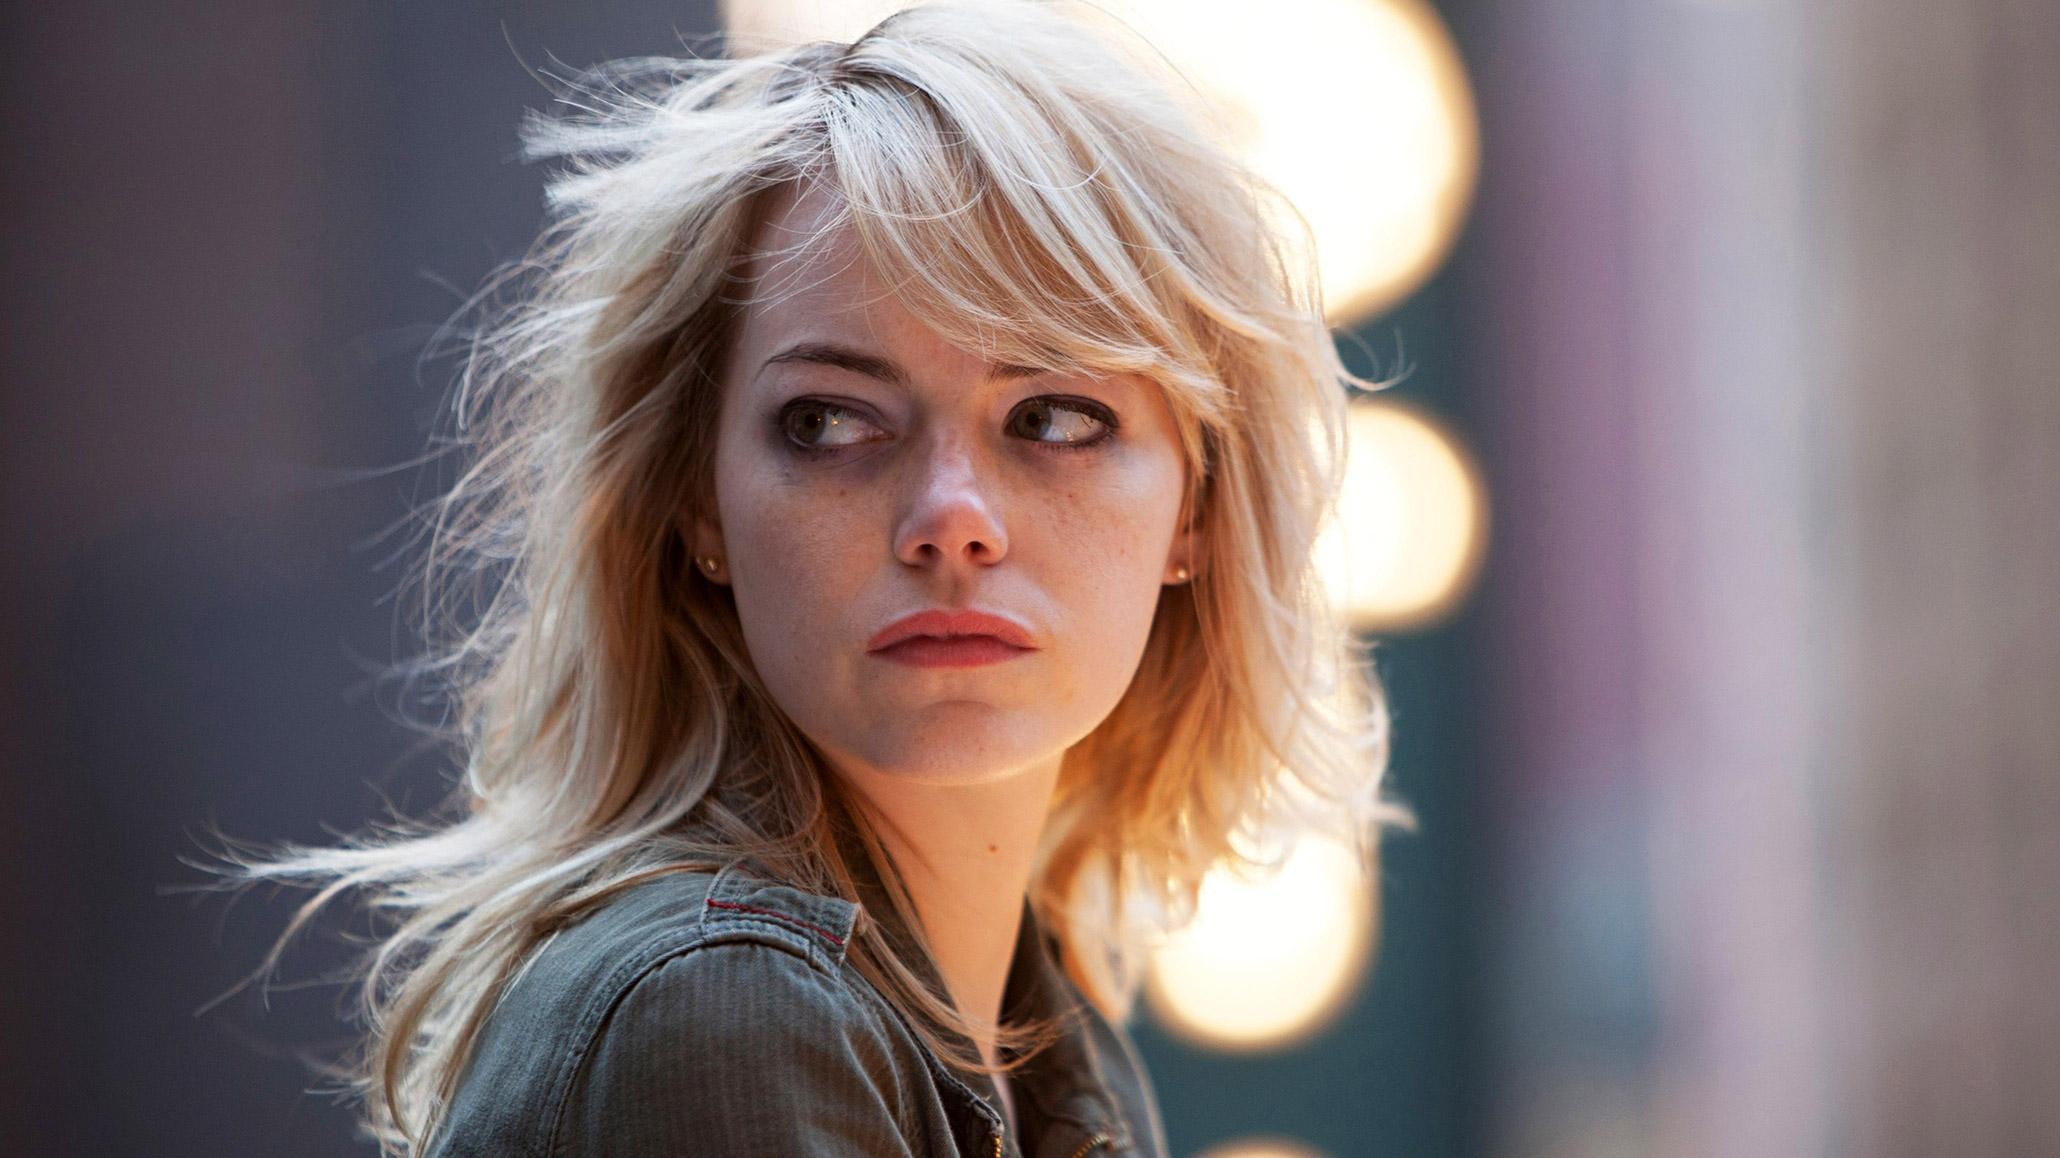 Emma Stone Latest